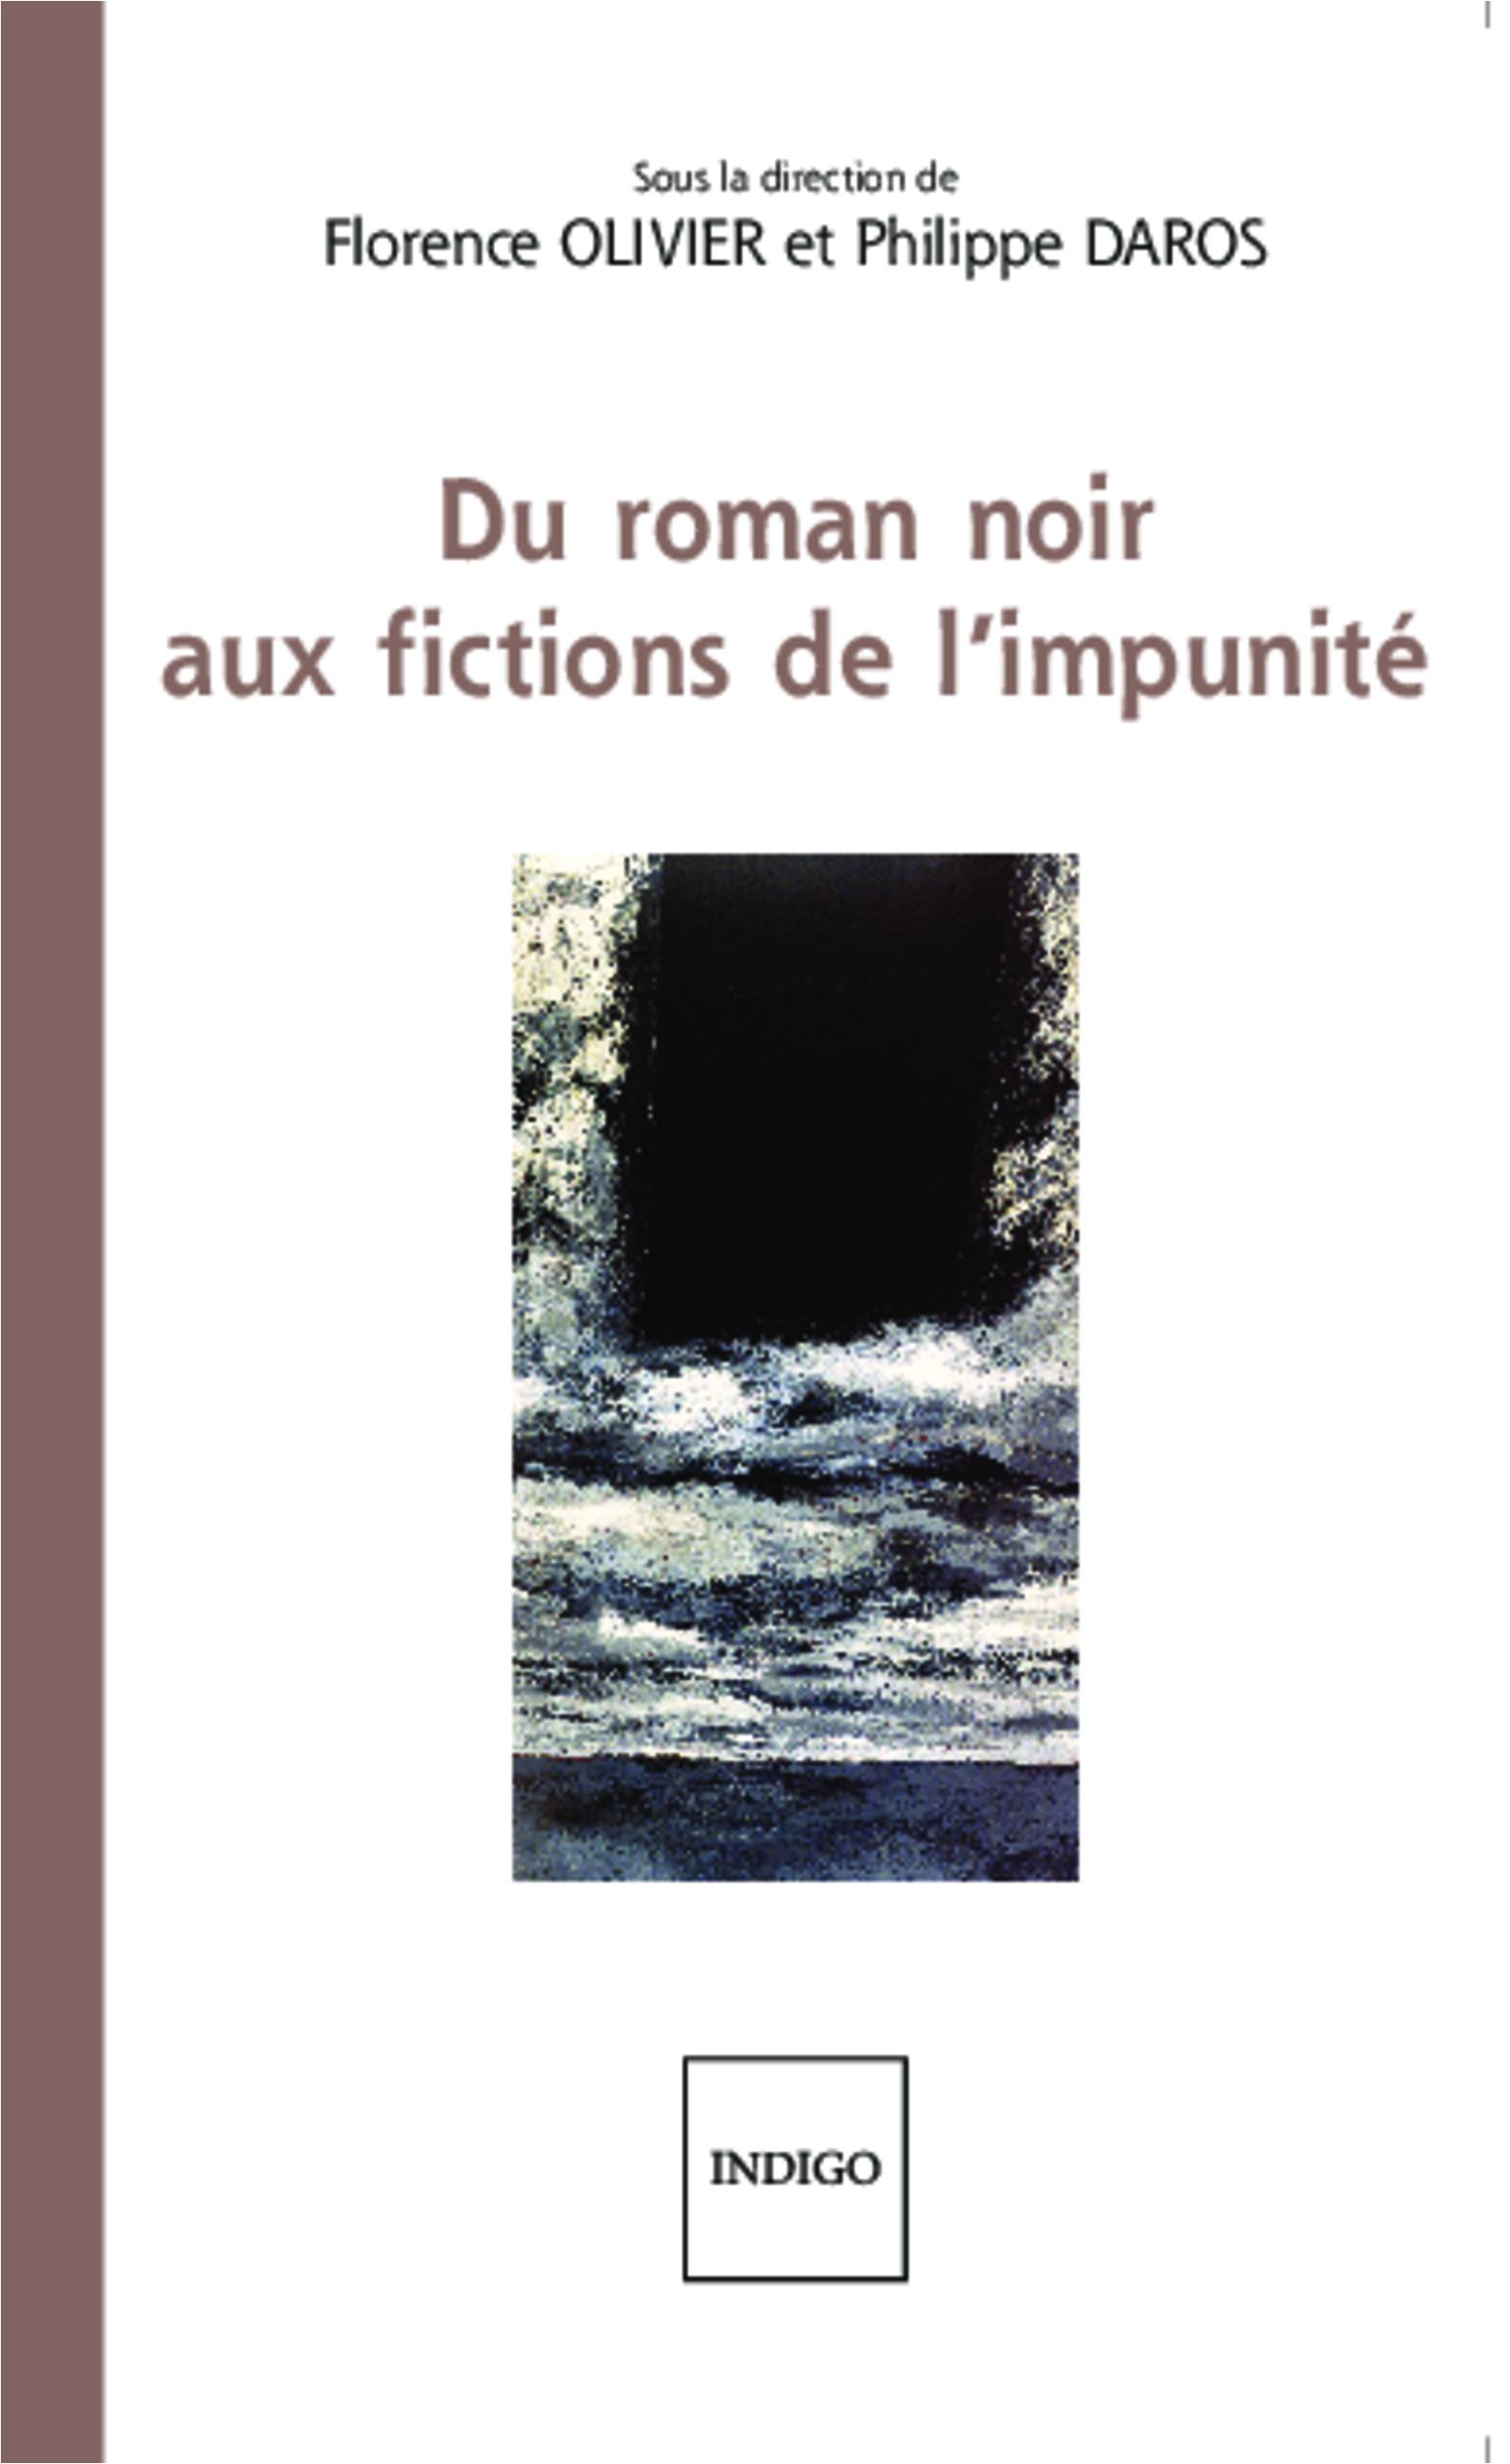 Fl. Olivier et Ph. Daros (dir.), Du roman noir aux fictions de l'impunité